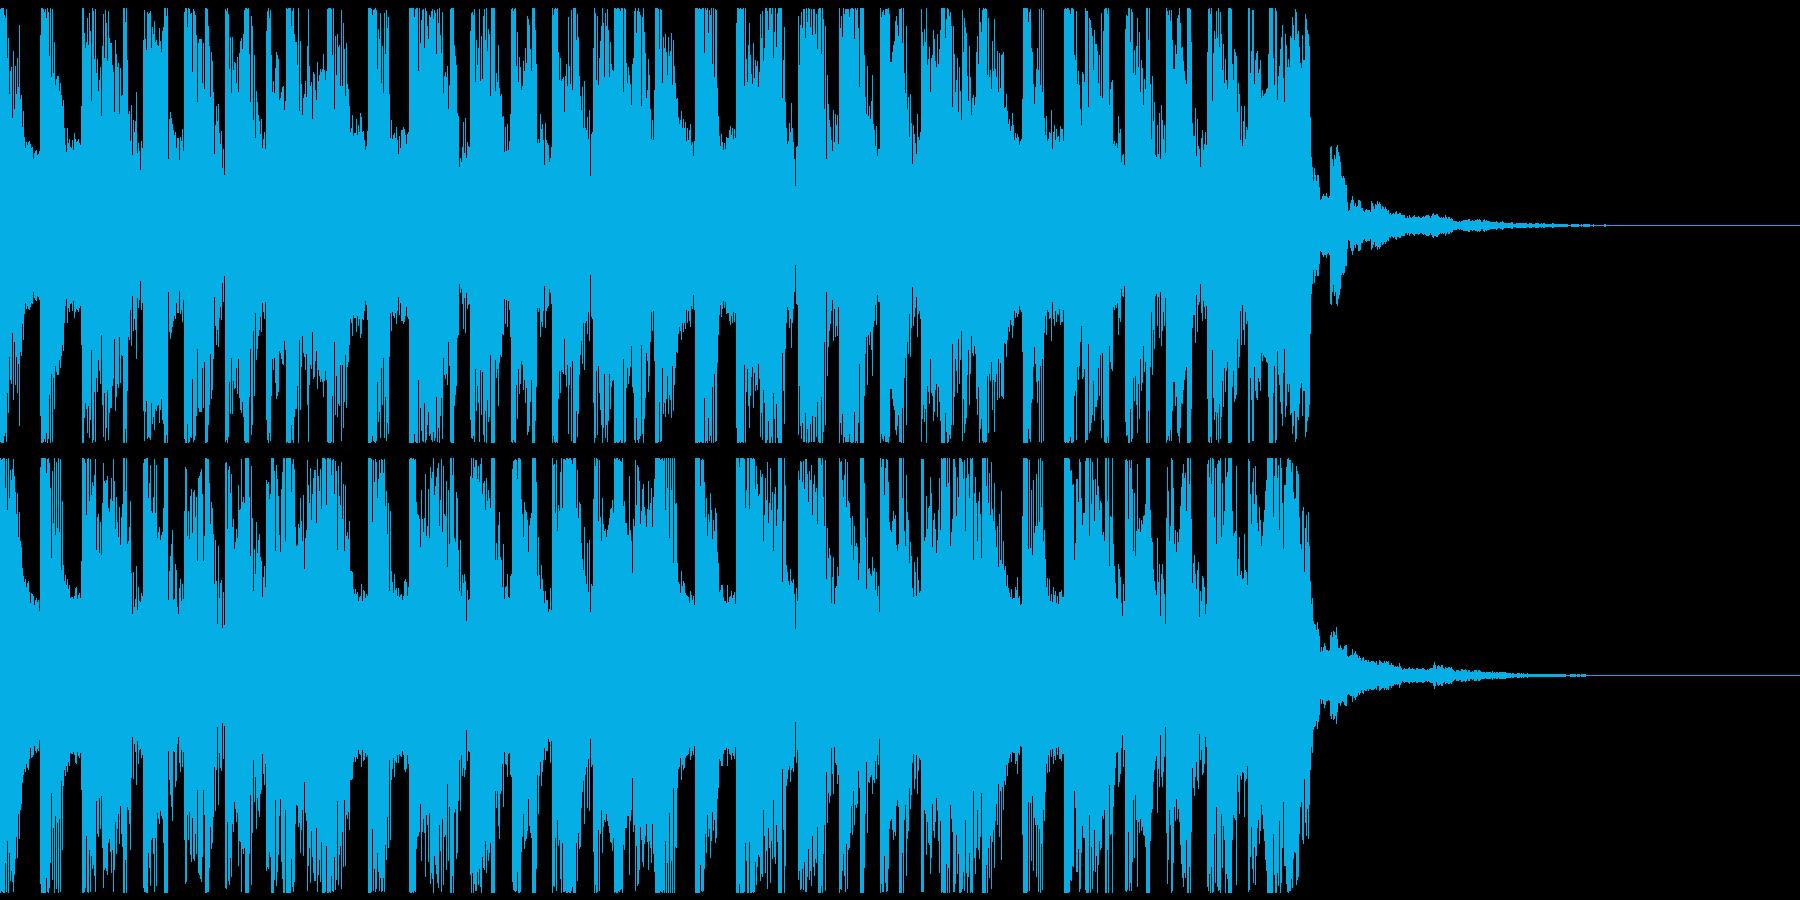 軽快で楽し気なポップビート の再生済みの波形